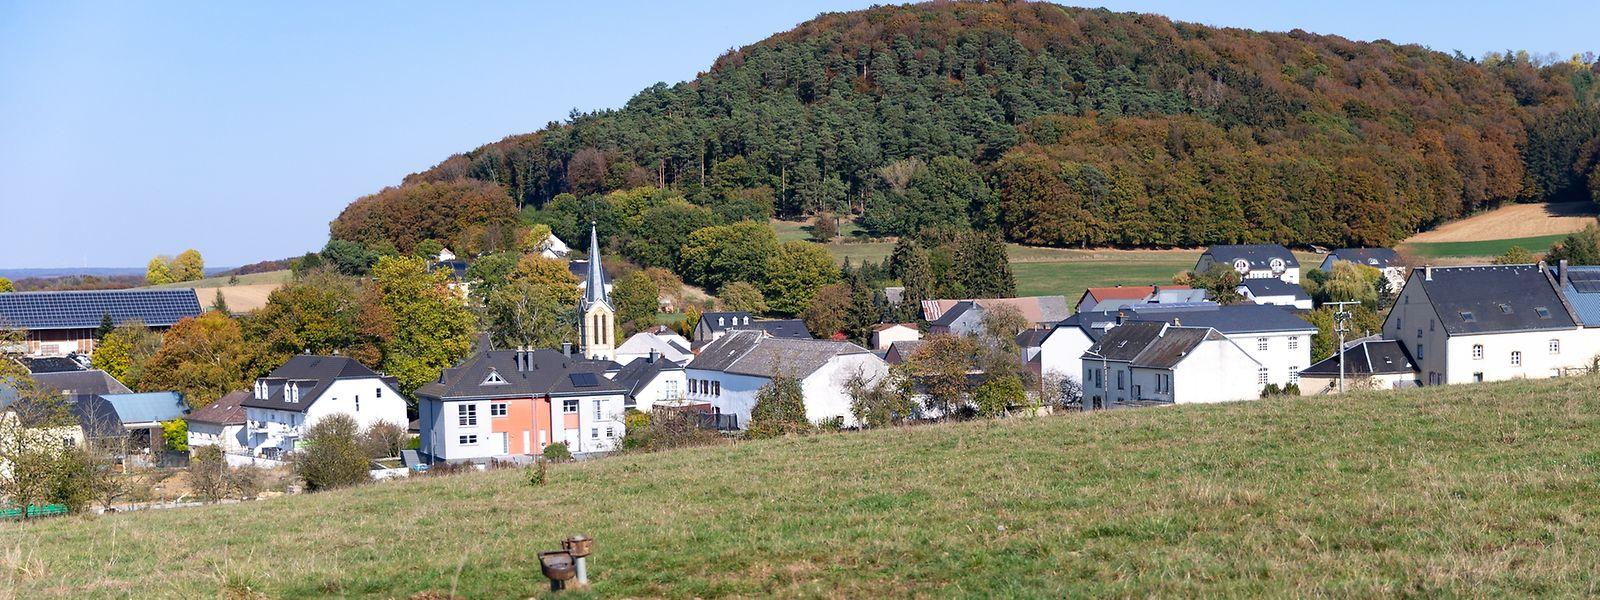 Die erste Gemeindefusion Luxemburgs ereignete sich wahrscheinlich im Jahr 1822. Damals fusionierten Calmus (auf dem Bild) und Saeul.